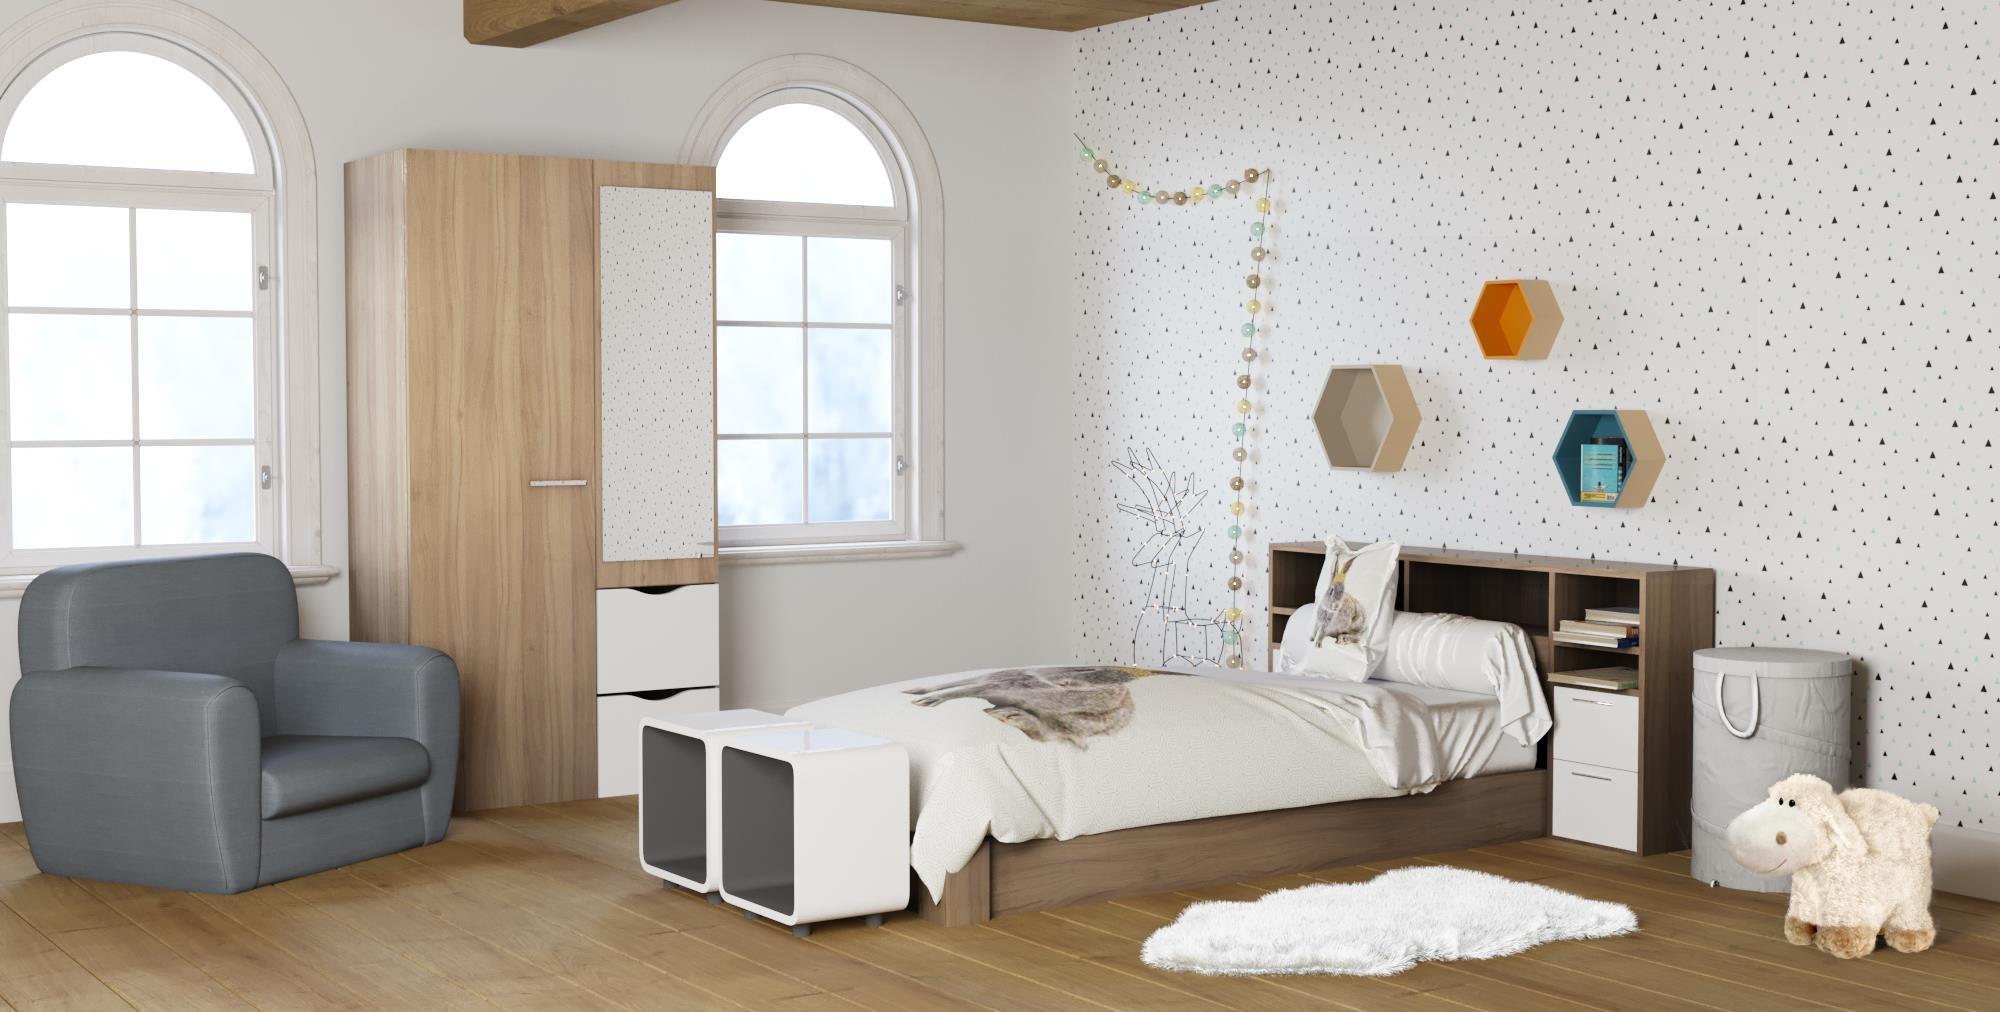 Chambre Scandinave Jaune | Chambre Scandinave Budget Déco Style ...